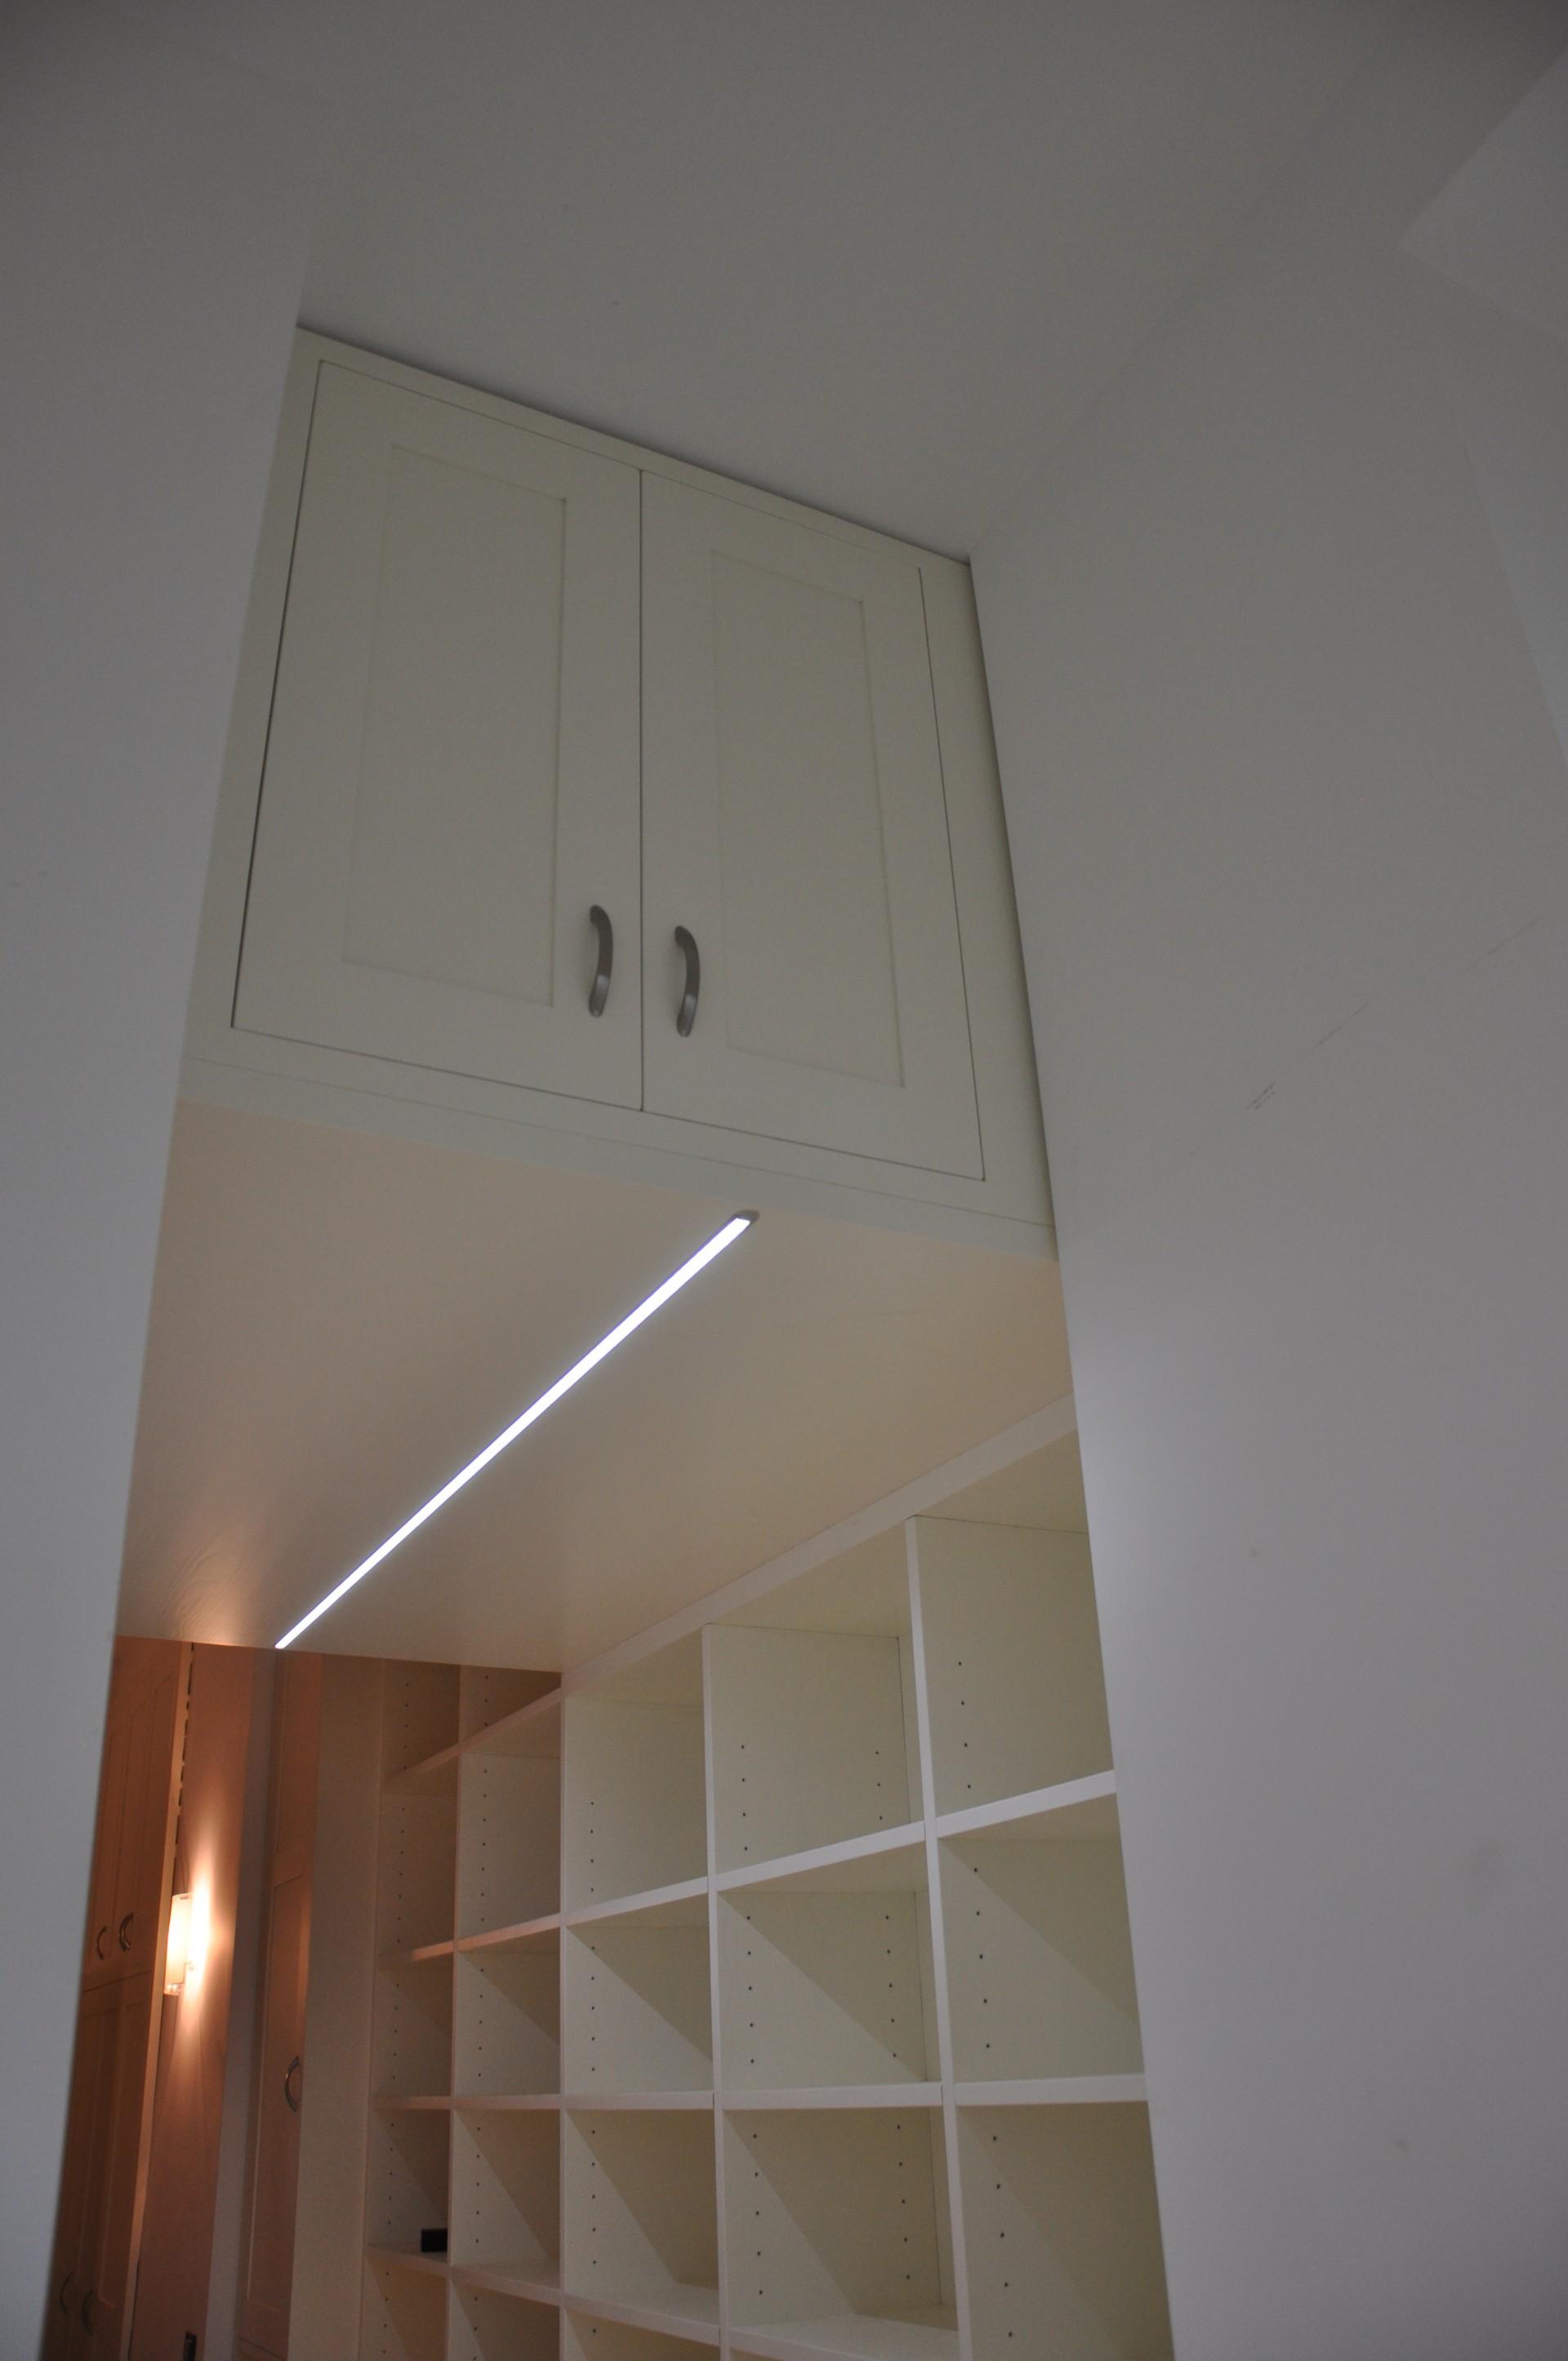 Illuminazione Soppalco In Legno: Illuminazione soppalco in legno come ...